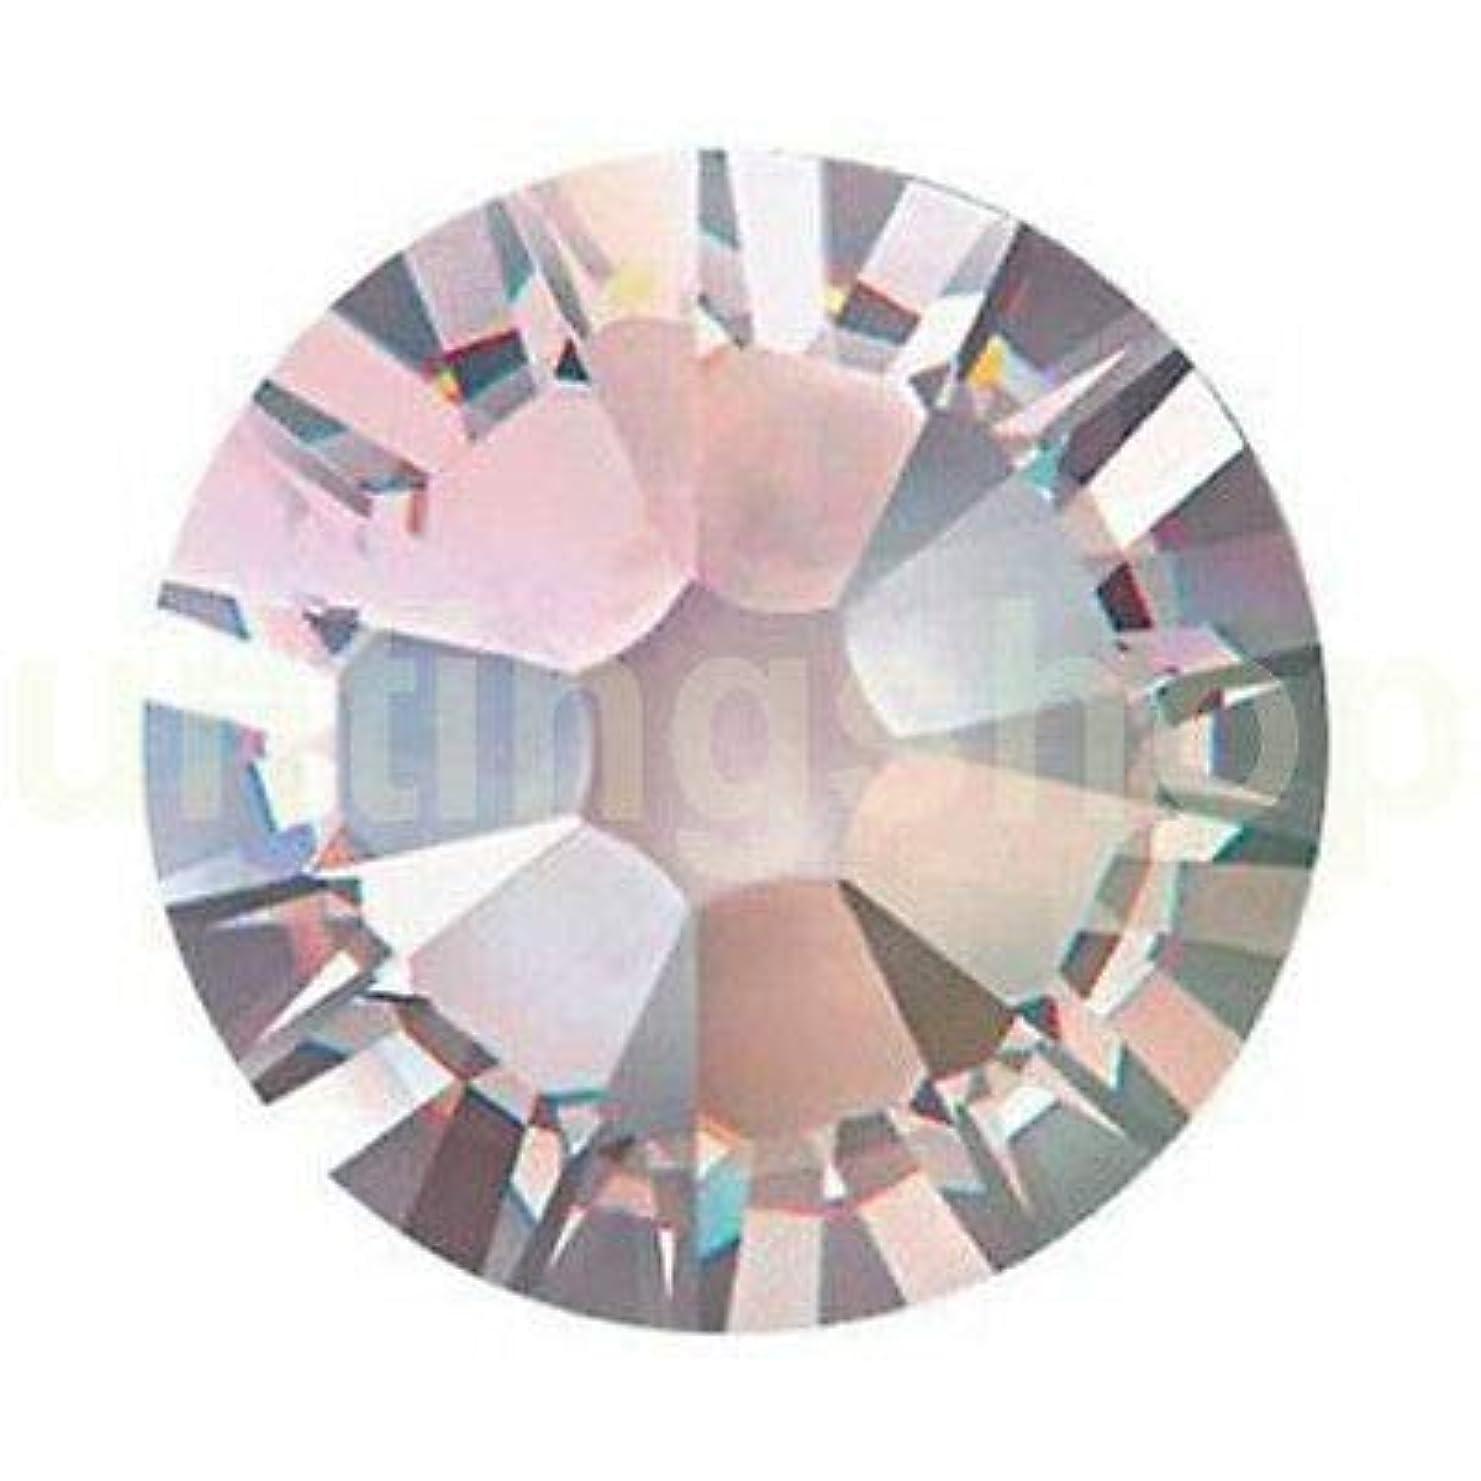 根拠再発するエールFidgetGear DIY 1.3-8.5 mmクリスタルヒラタラインストーンネイルアートデコレーションSS3-SS40 クリスタルAB